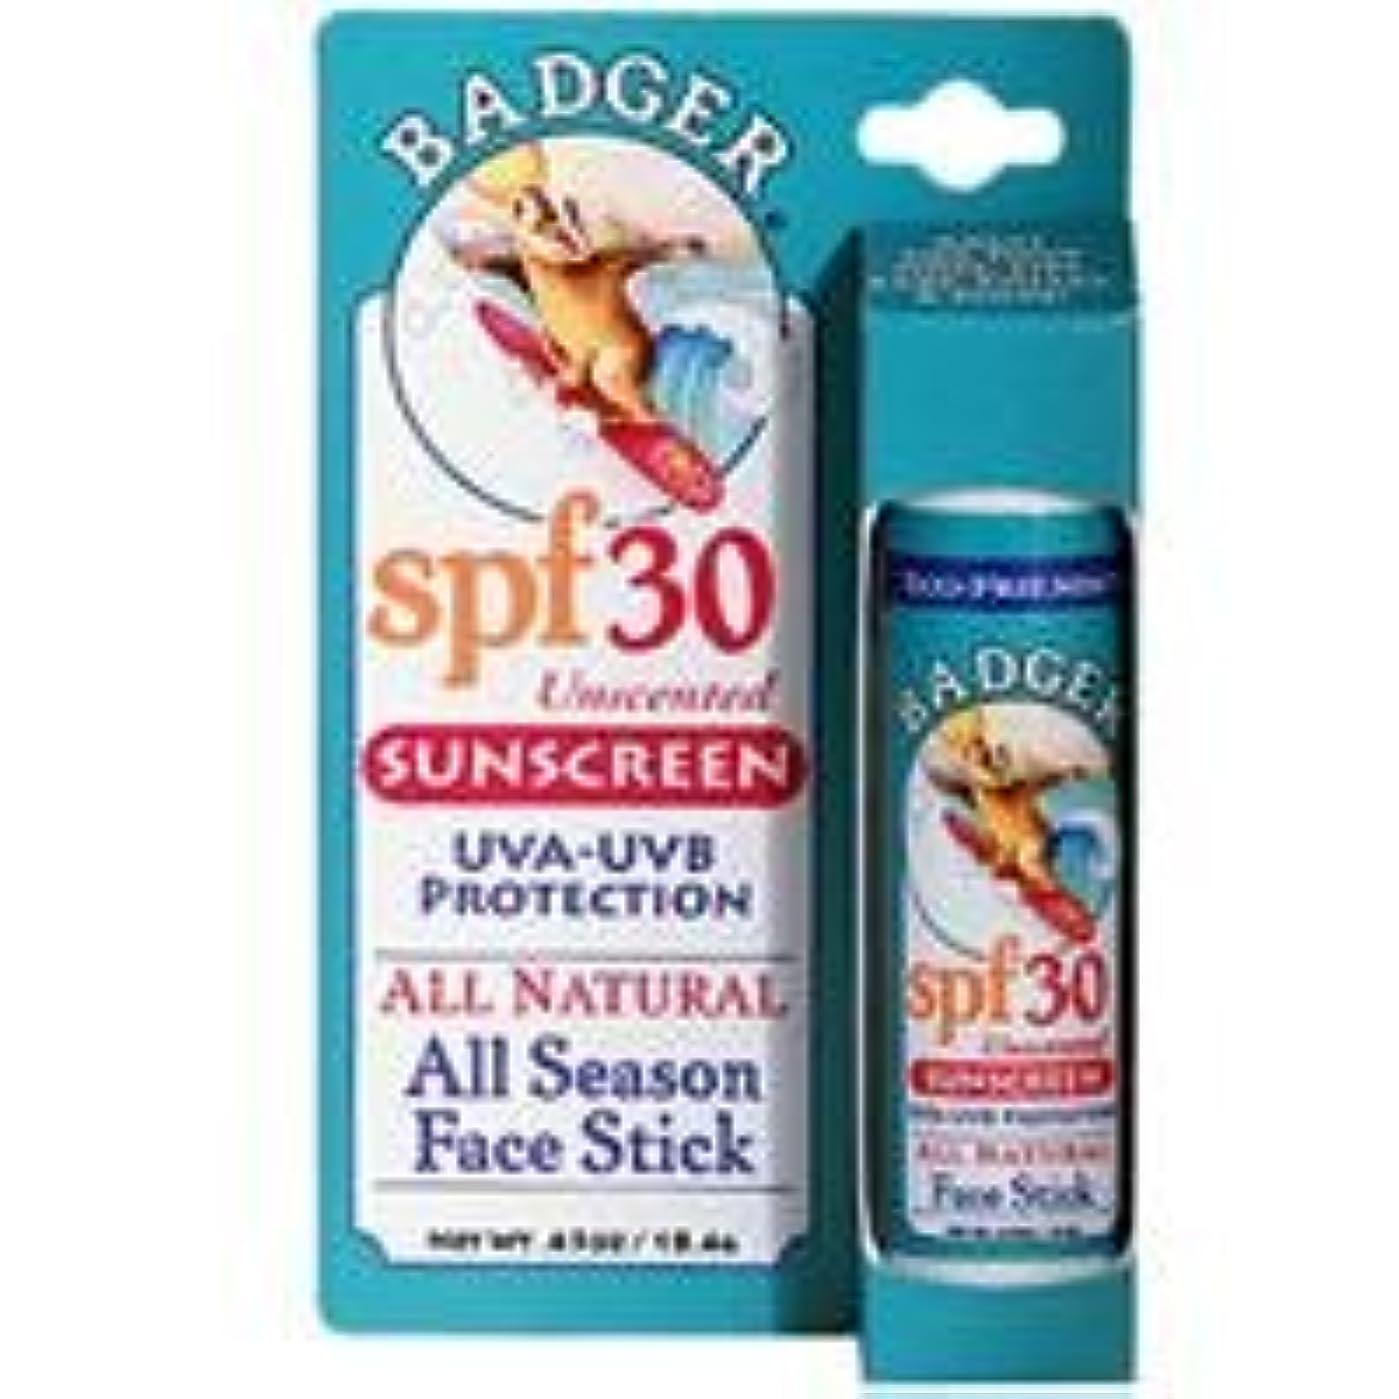 人気タッチしがみつく[海外直送品] バジャー(Badger) フェイススティック サンスクリーン SPF30 18.4g (無香料)